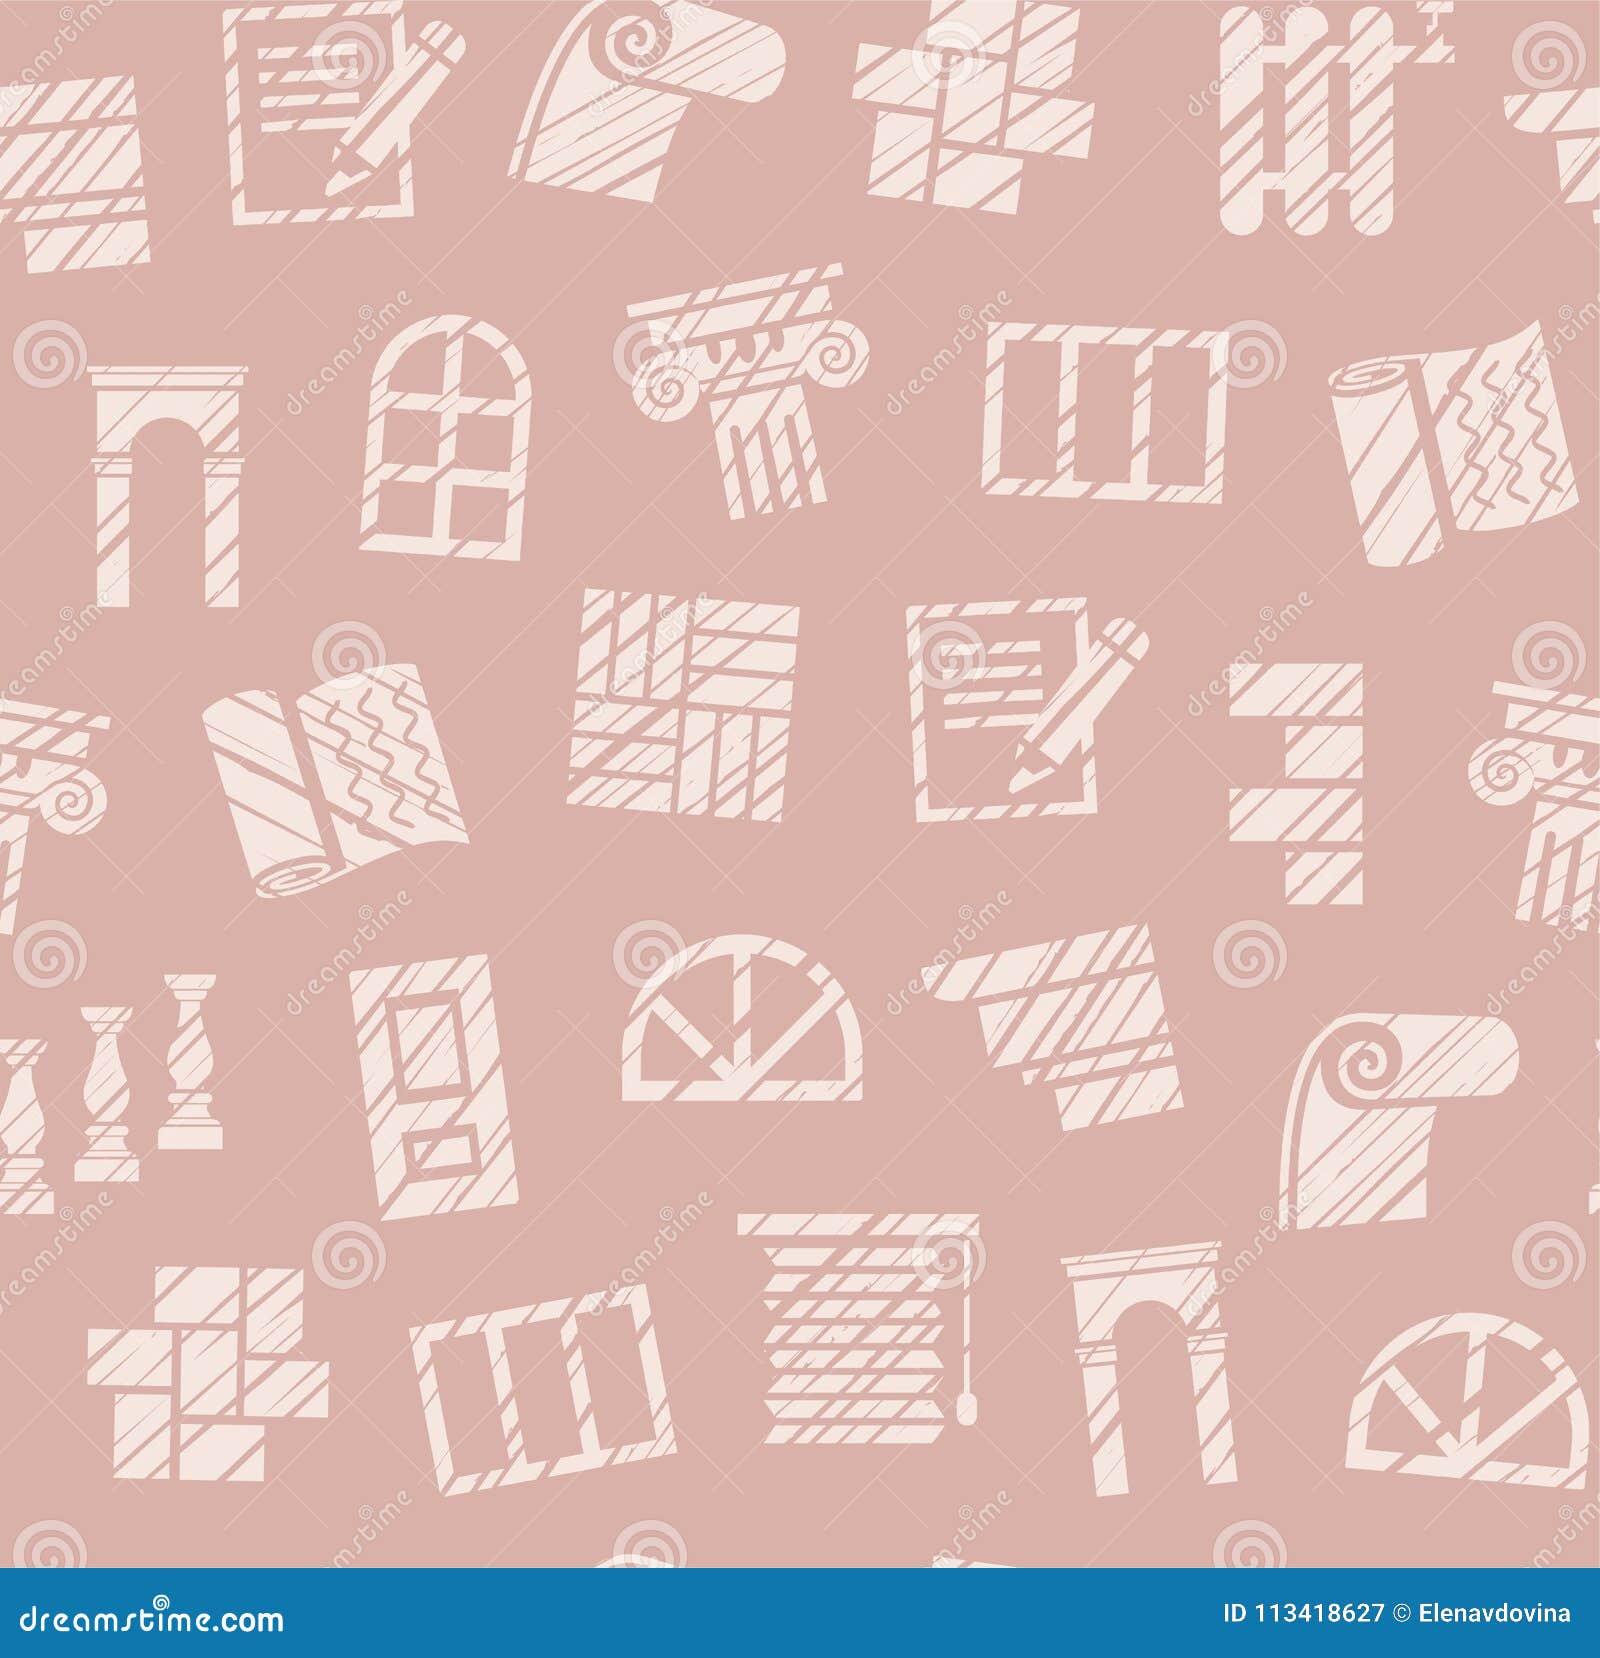 Fulländande material, konstruktion, sömlös modell, blyertspenna som kläcker, rosa färg, färg, vektor